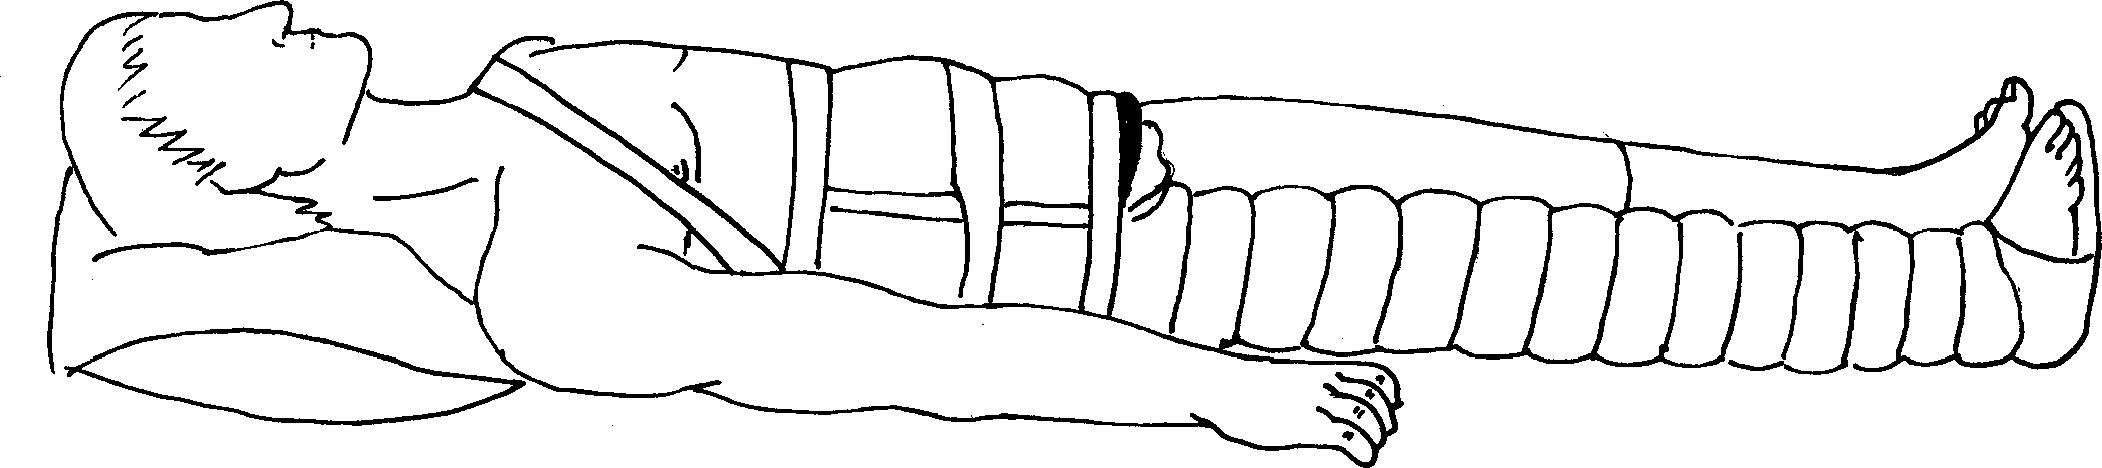 Иммобилизация нижней конечности лестничной шиной Крамера